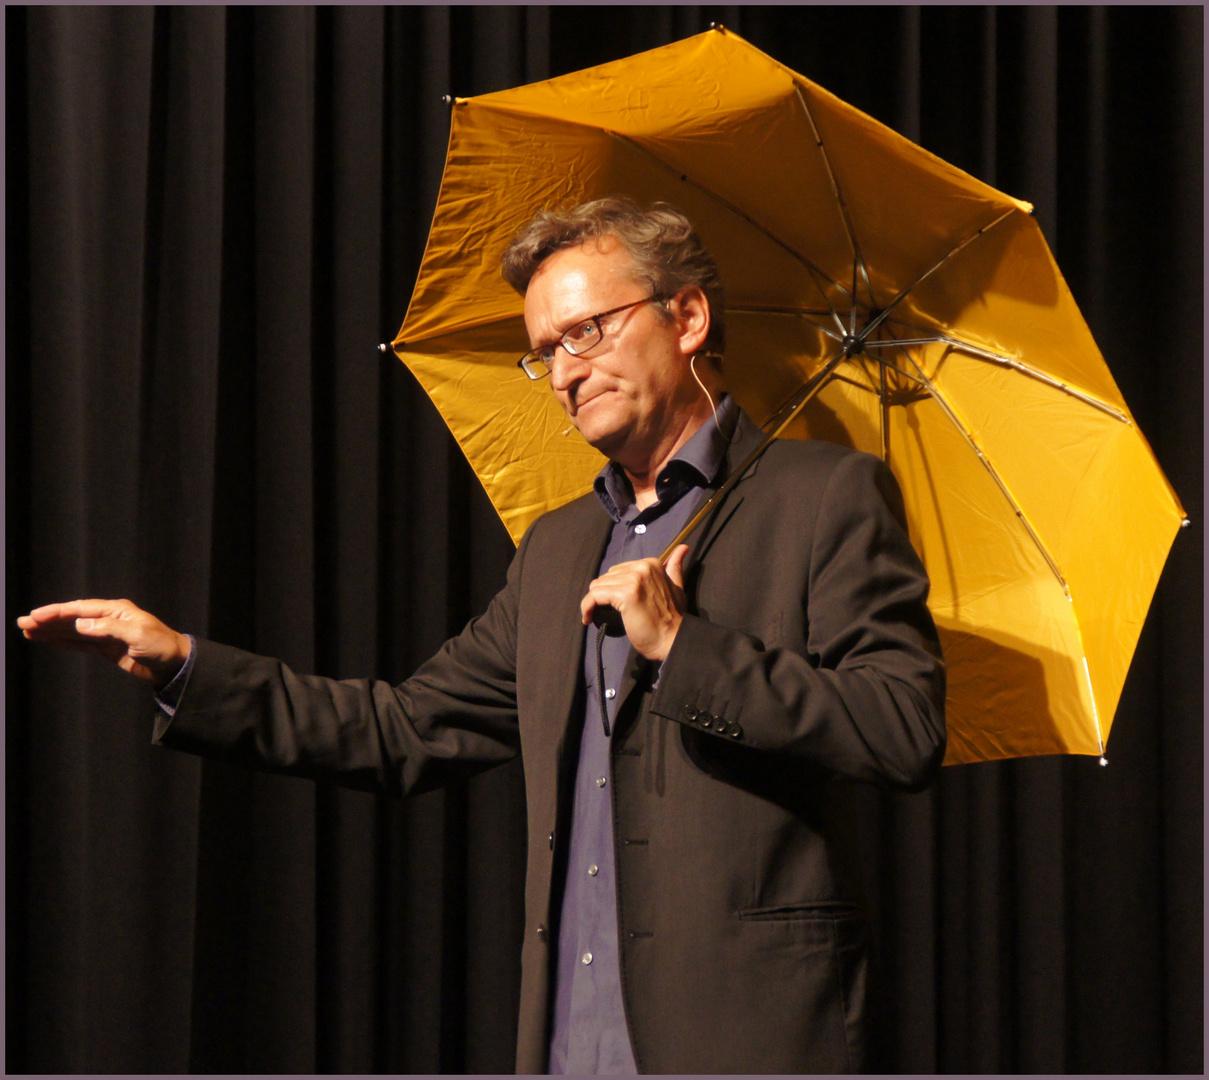 Der Kabarettist Frank Lüdecke (1)